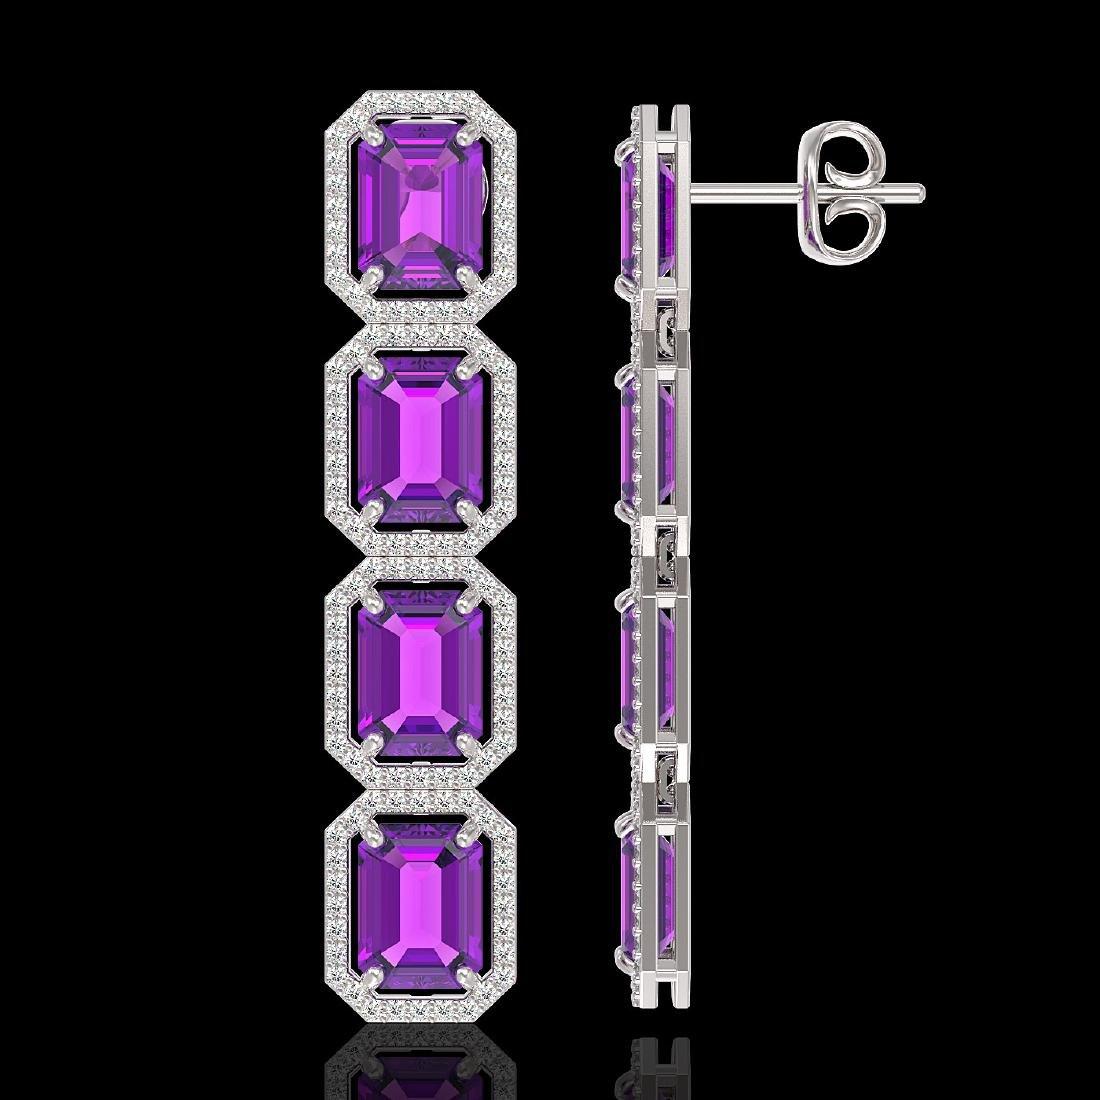 18.59 ctw Amethyst & Diamond Halo Earrings 10K White - 2